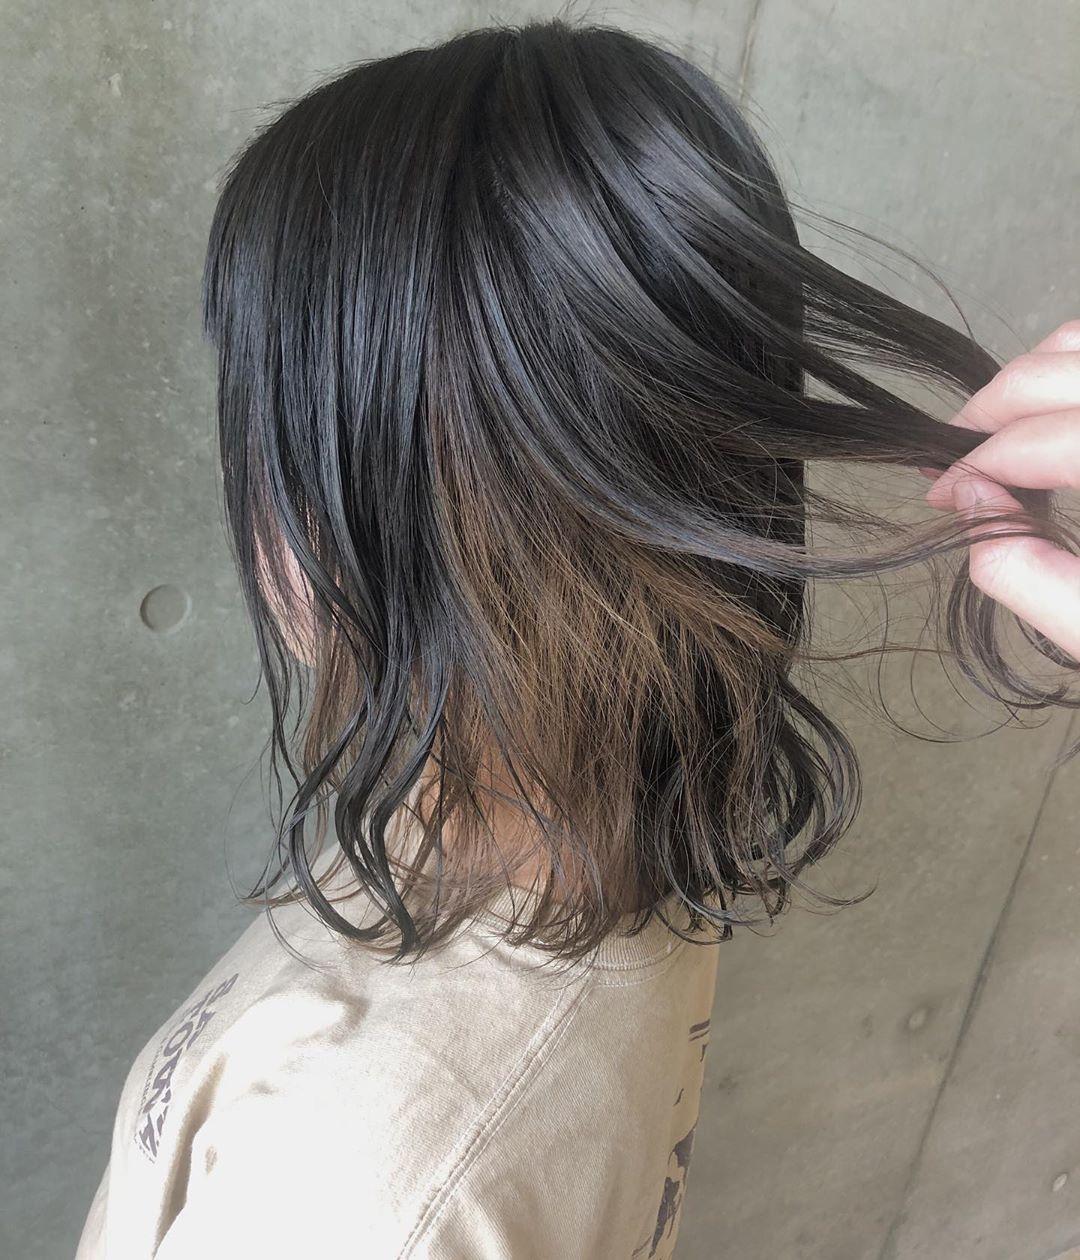 バレないインナーカラー20選 黒髪や暗め髪に合う会社で目立たない色は